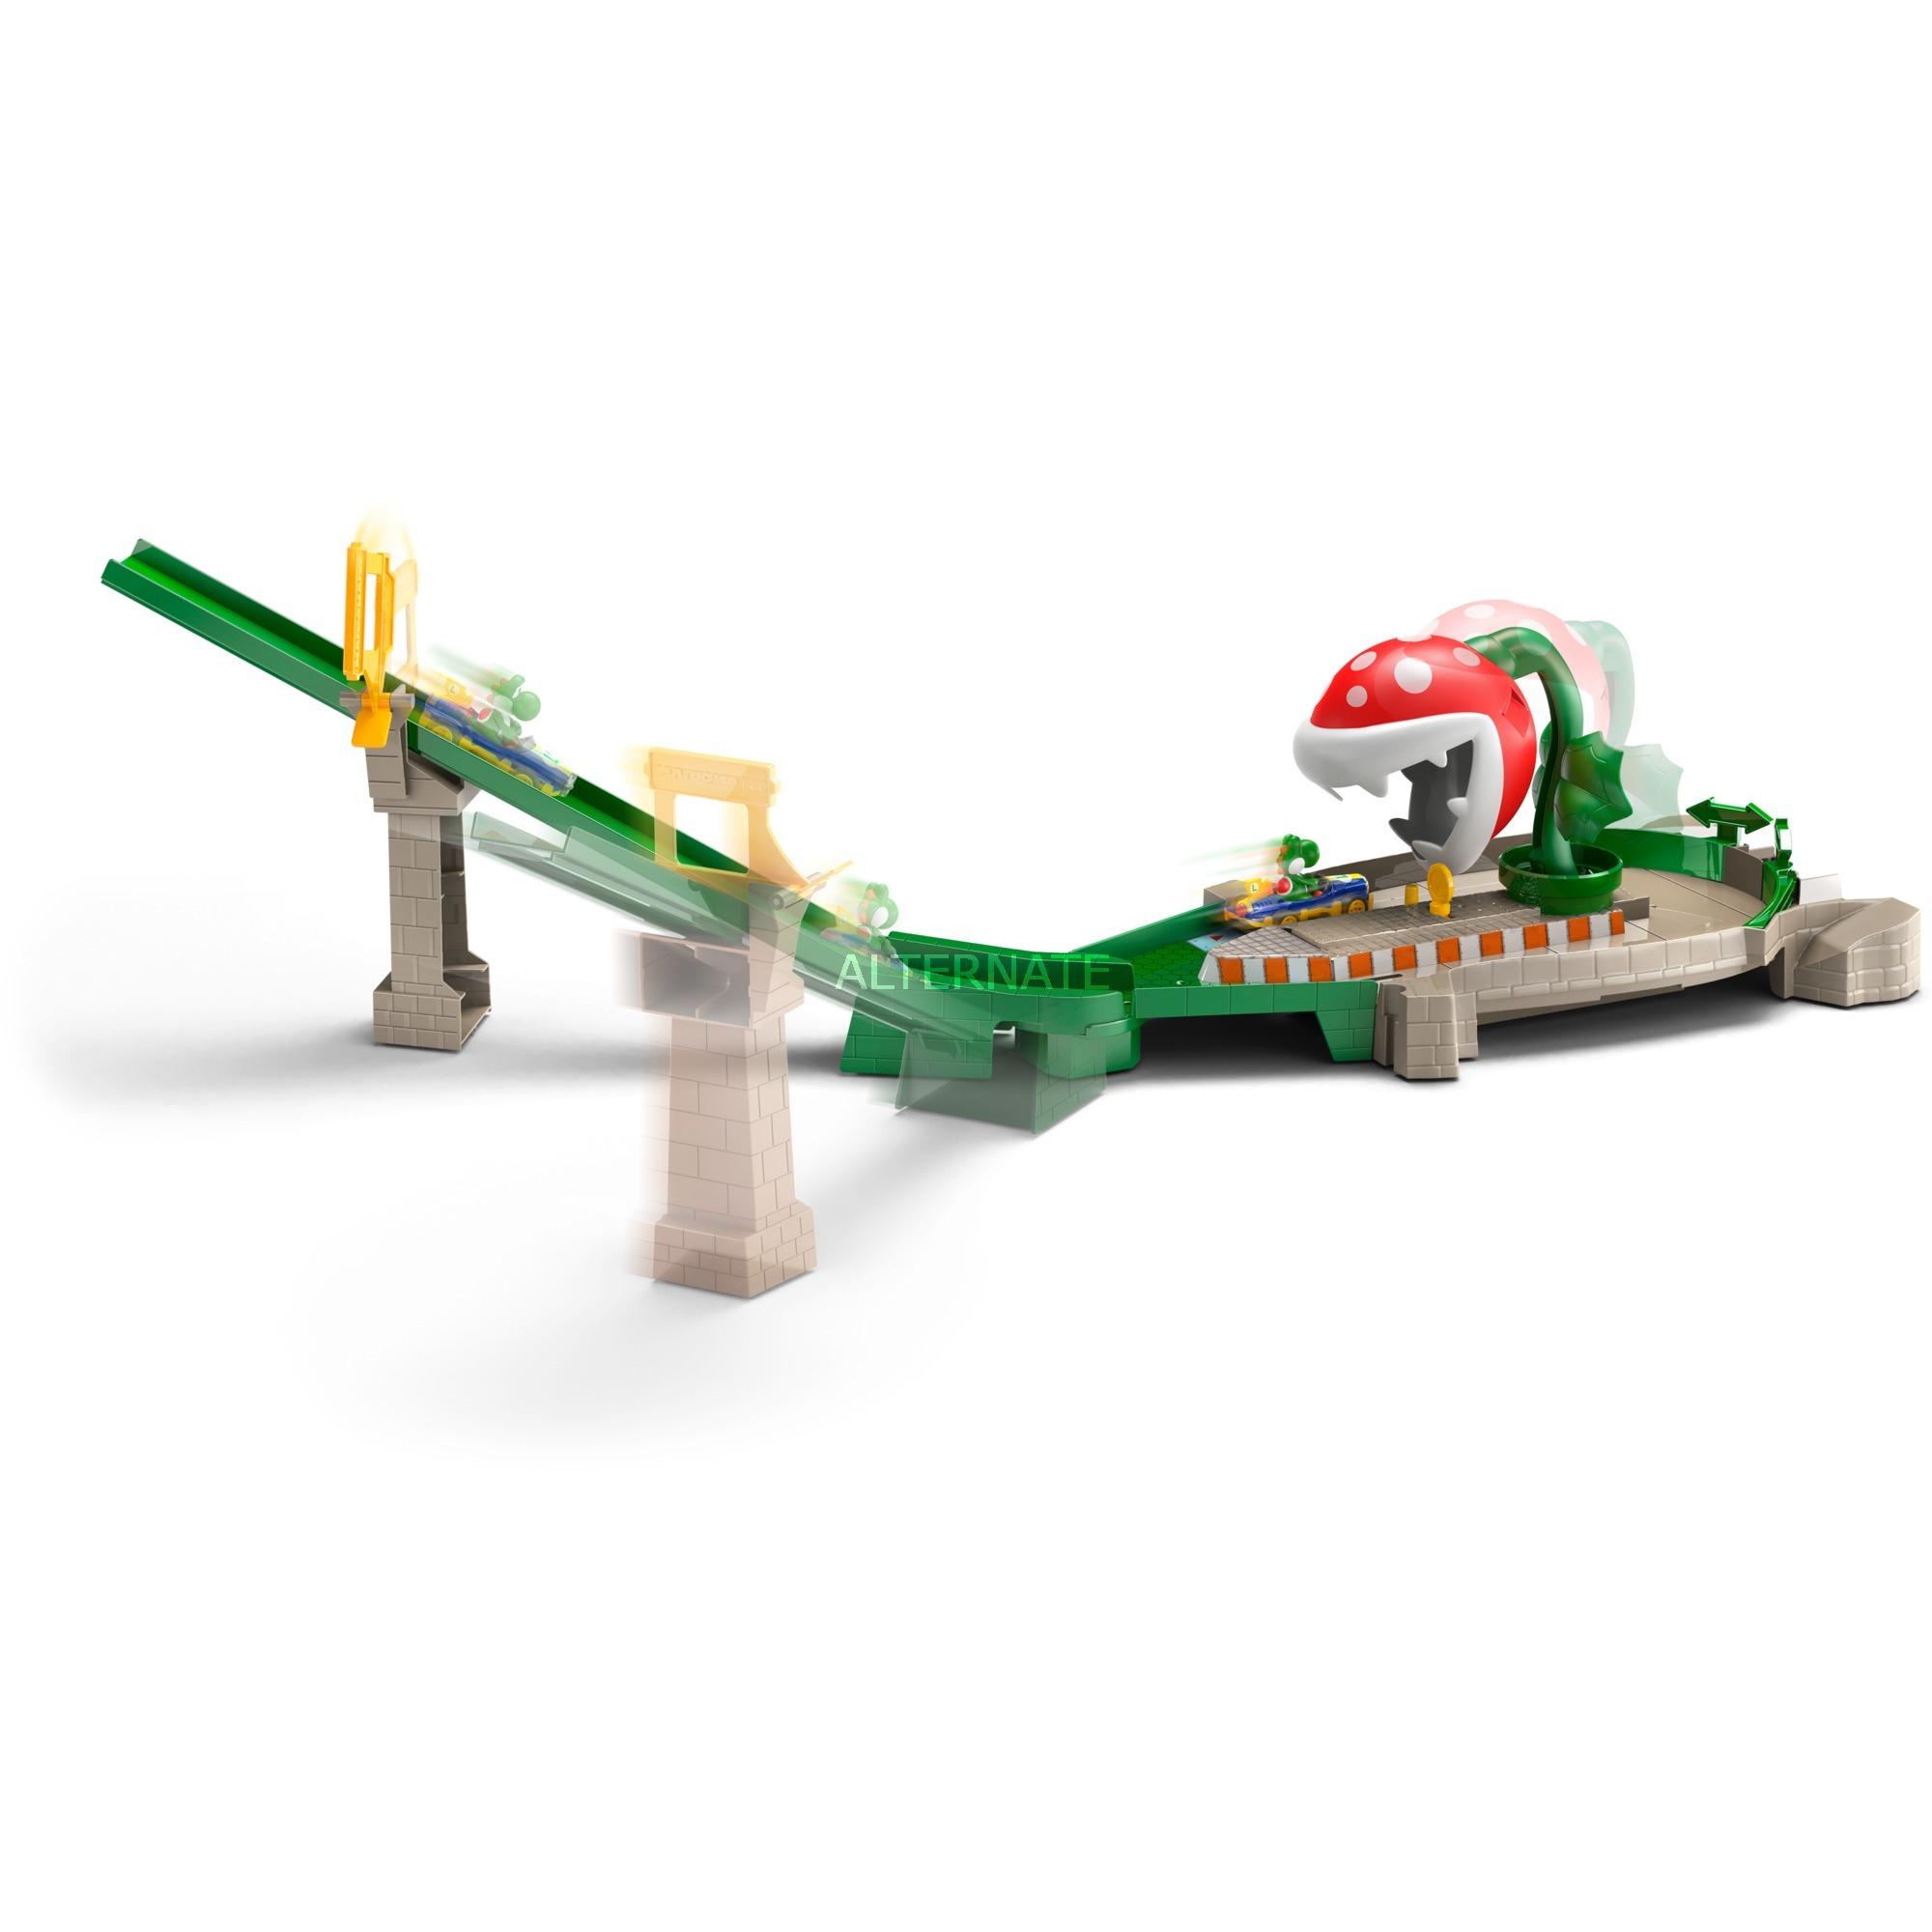 GFY47 pista para vehículos de juguete, Pistas de carreras (Hot Wheels, Multicolor, Niño, 3 año(s), Interior, Caja)